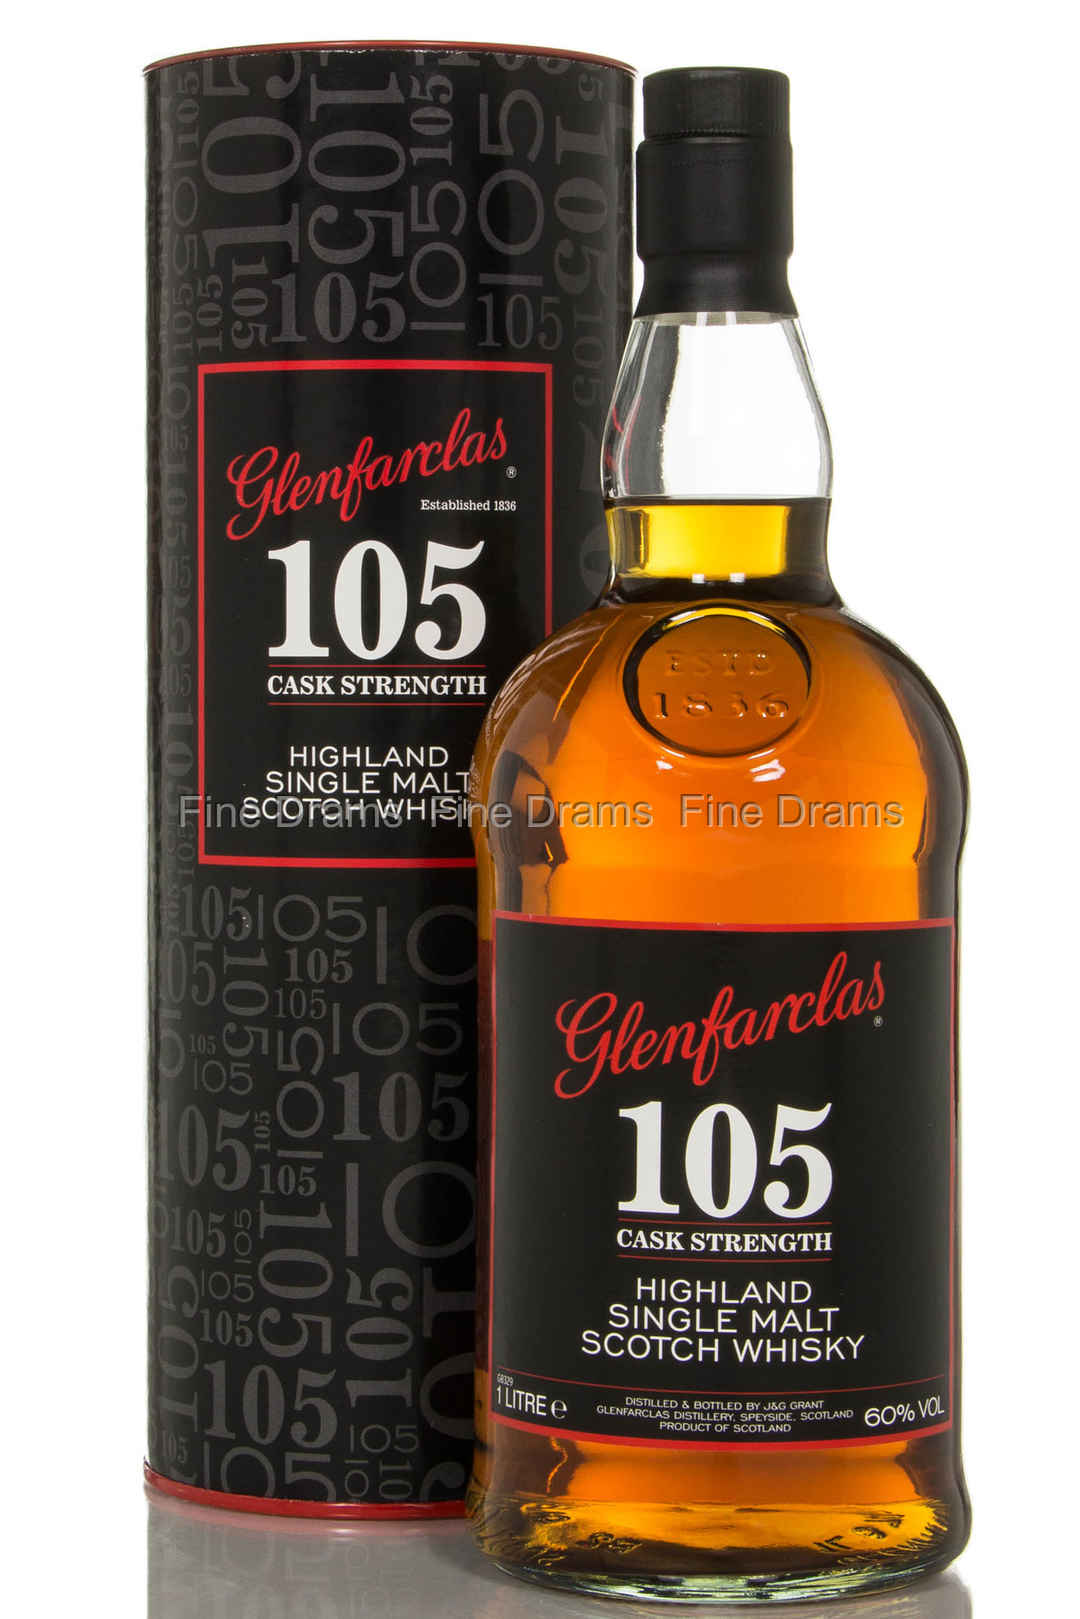 Glenfarclas 105 Whisky Cask Strength